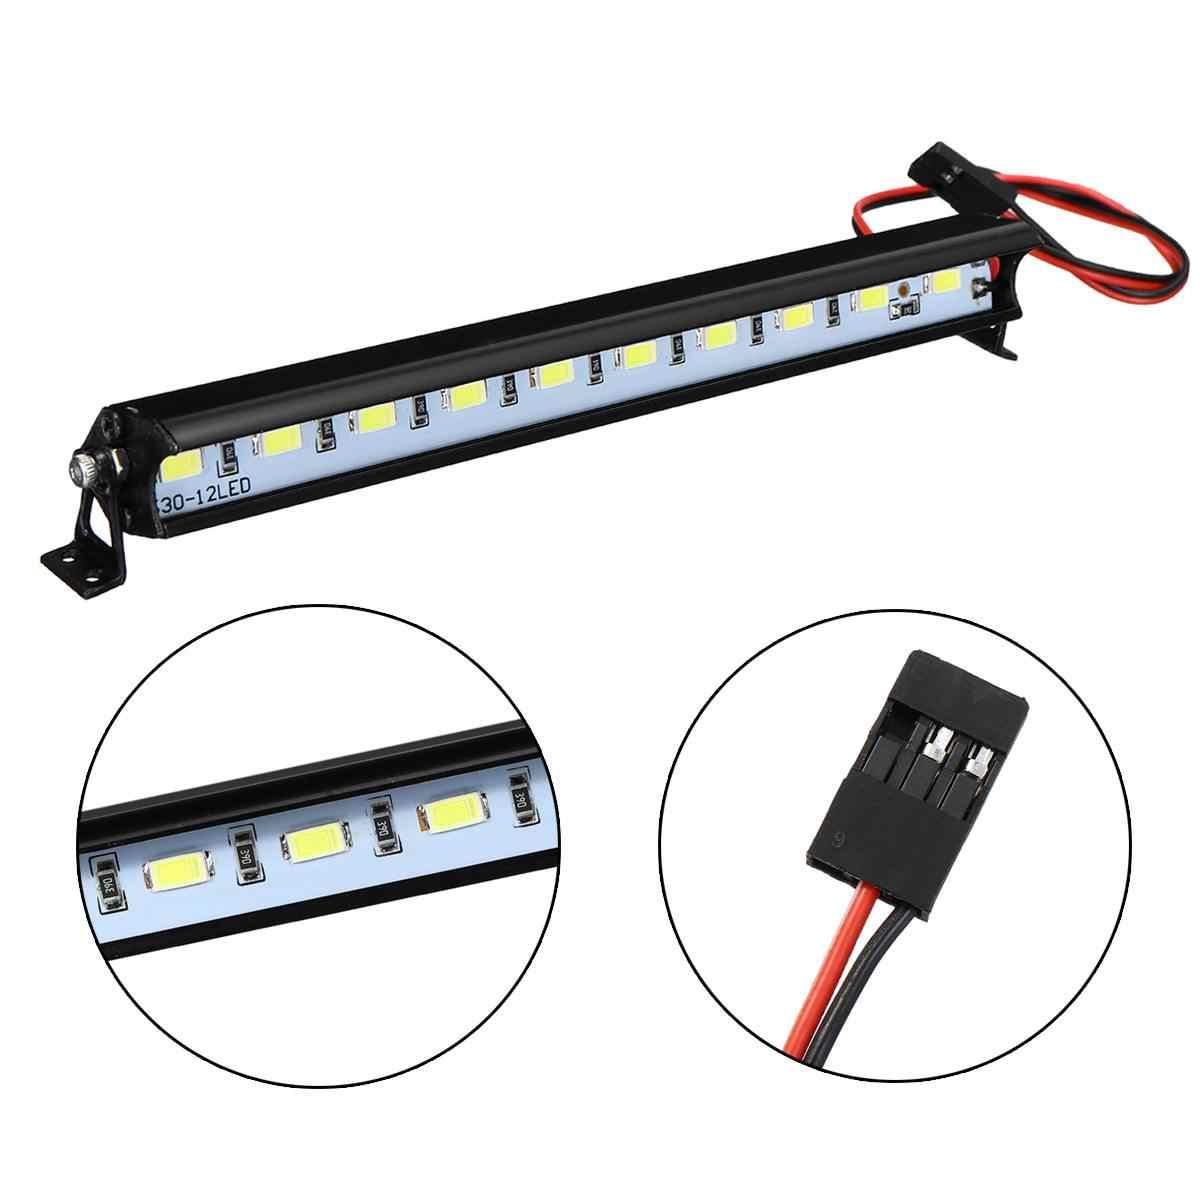 Para Trx4 SCX10 D90 RC 4WD Metal lámpara de techo LED barra de luz 4,8 V-7,4 V para 1/10 orugas coche blanco Super brillante iluminación